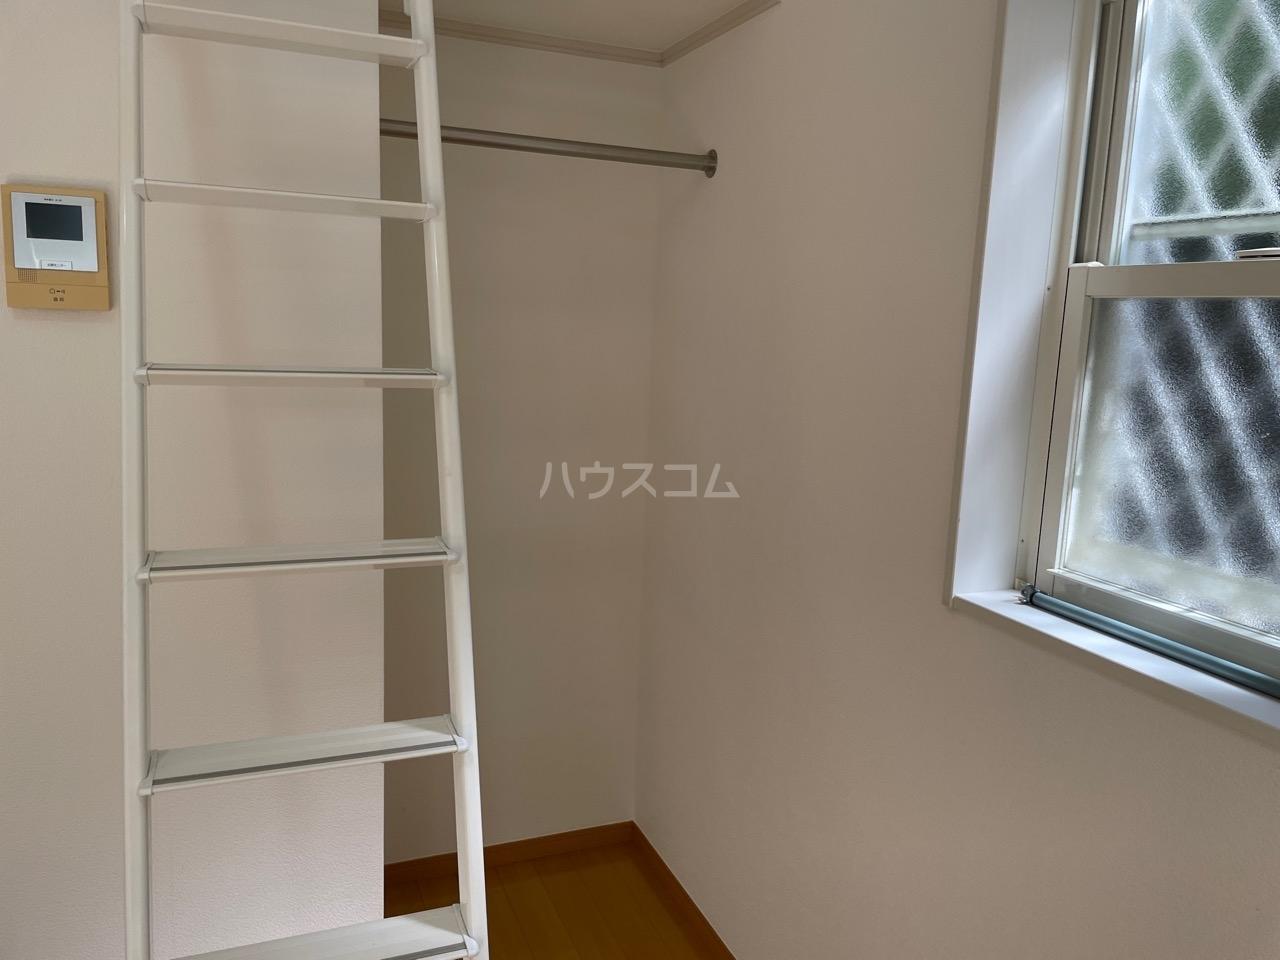 ヒルスミキ上倉田 101号室の景色